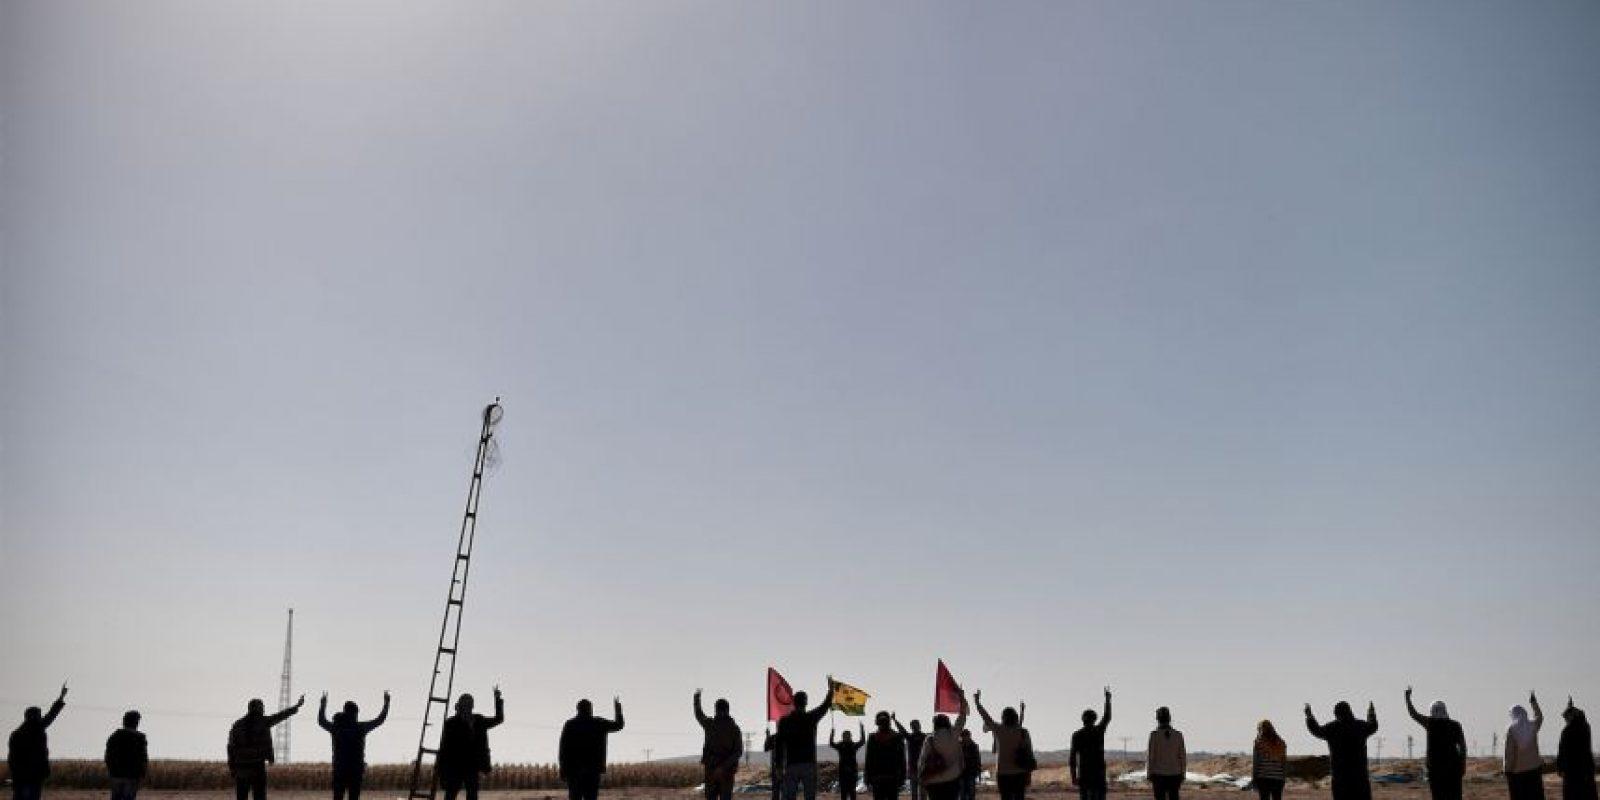 El grupo yihadista egipcio denominado como Ansar Bait al Maqdis (Partisanos de Jerusalén, en árabe) anunció que juró lealtad al líder el Estado Islámico. Foto:AFP